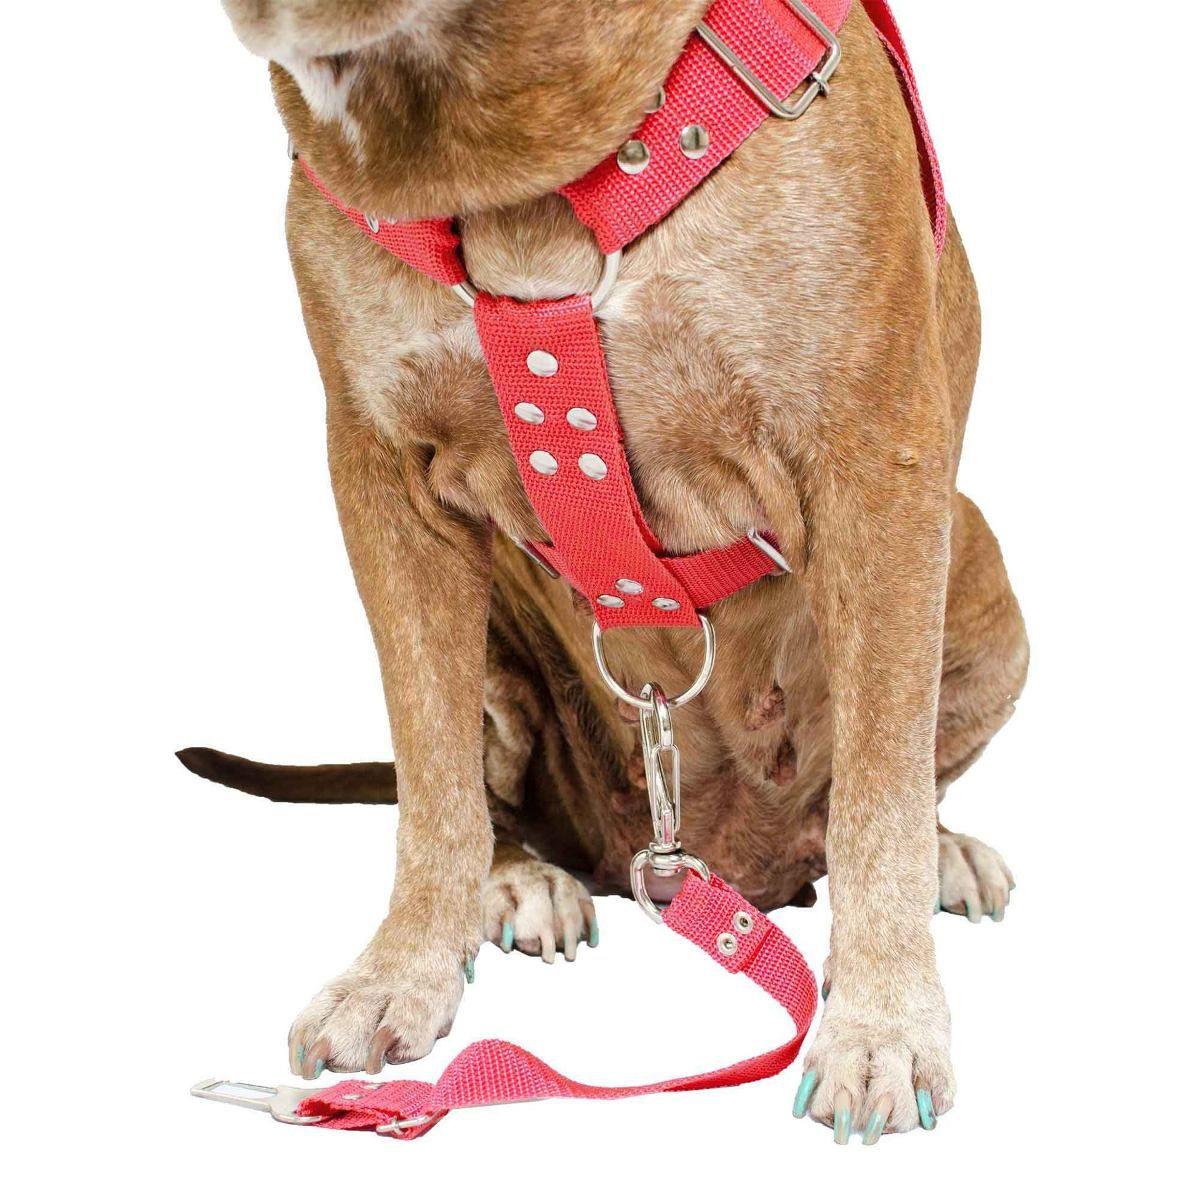 Coleira Peitoral Guia Cinto Segurança Cachorro Doberman Pitbull Anti Puxao - M Vermelho